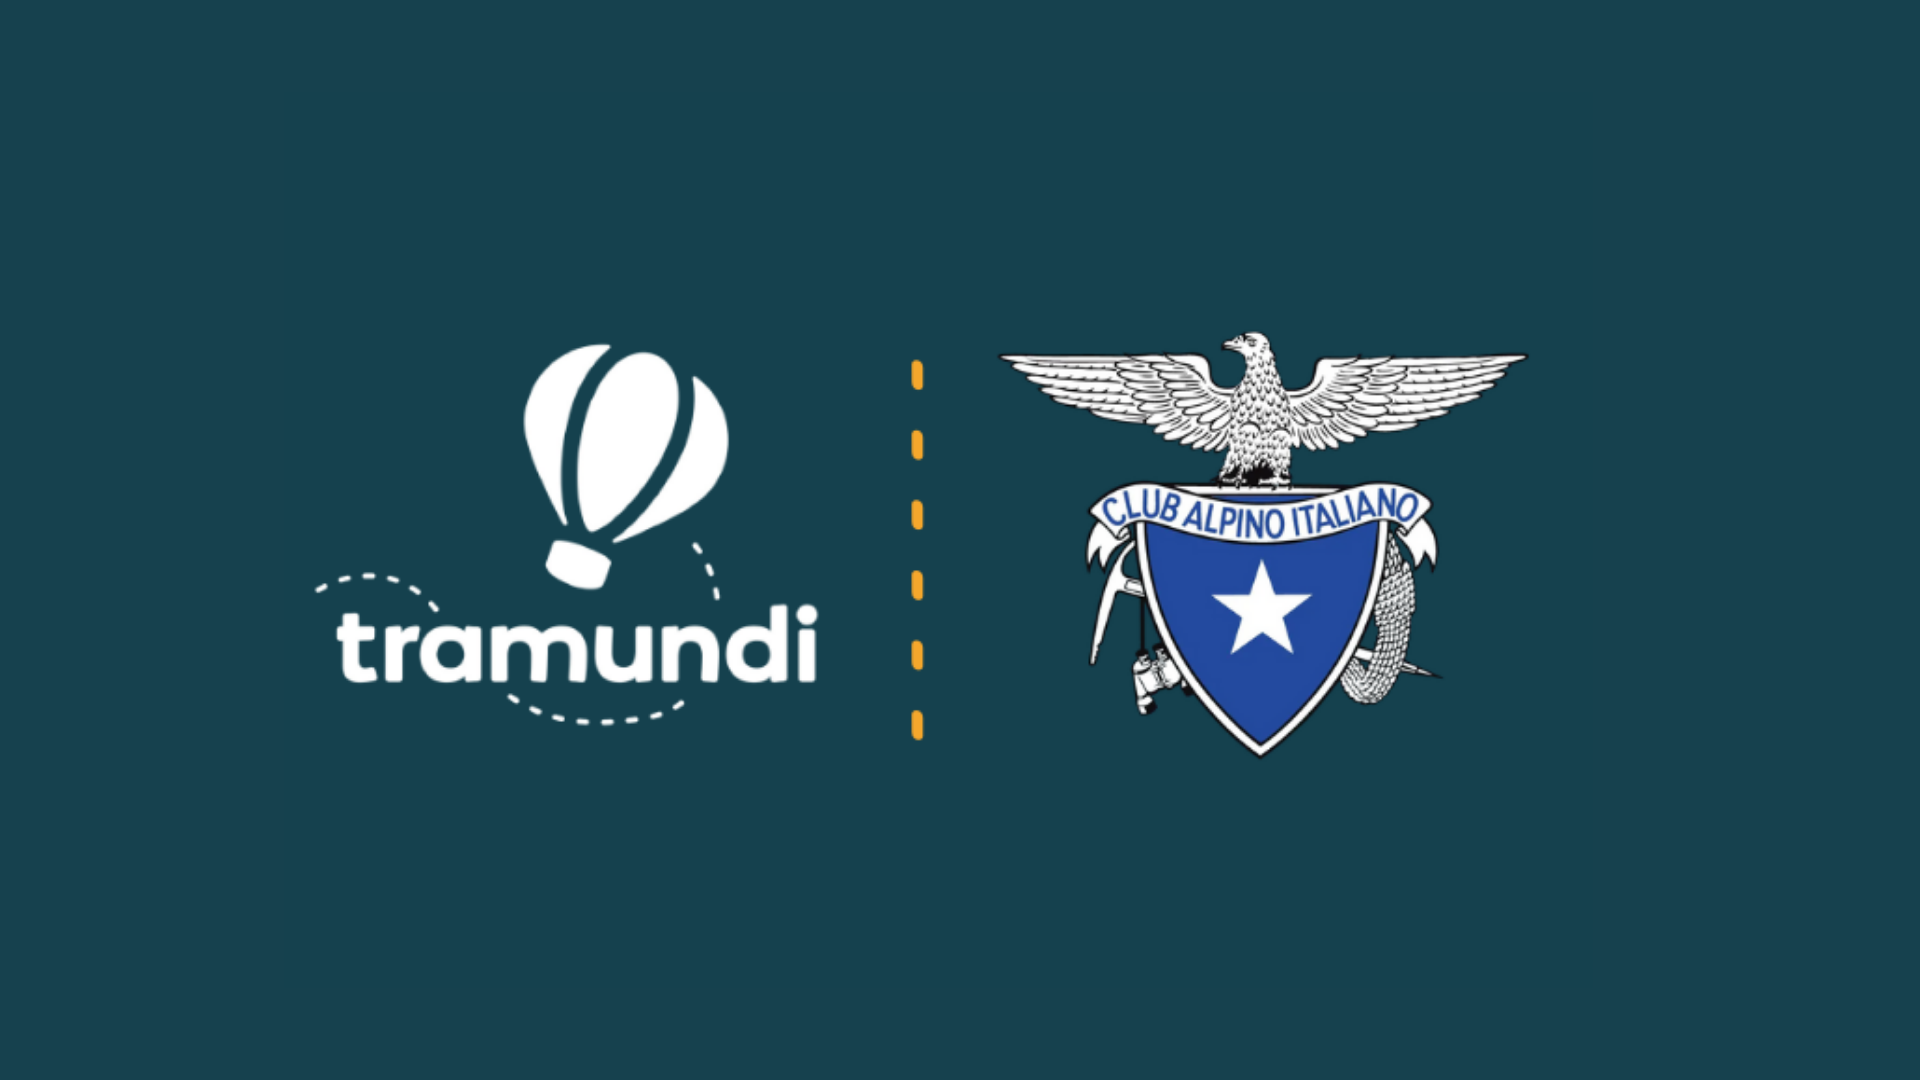 Club alpino italiano e Tramundi: accordo per la valorizzazione turistica del Sentiero Italia CAI